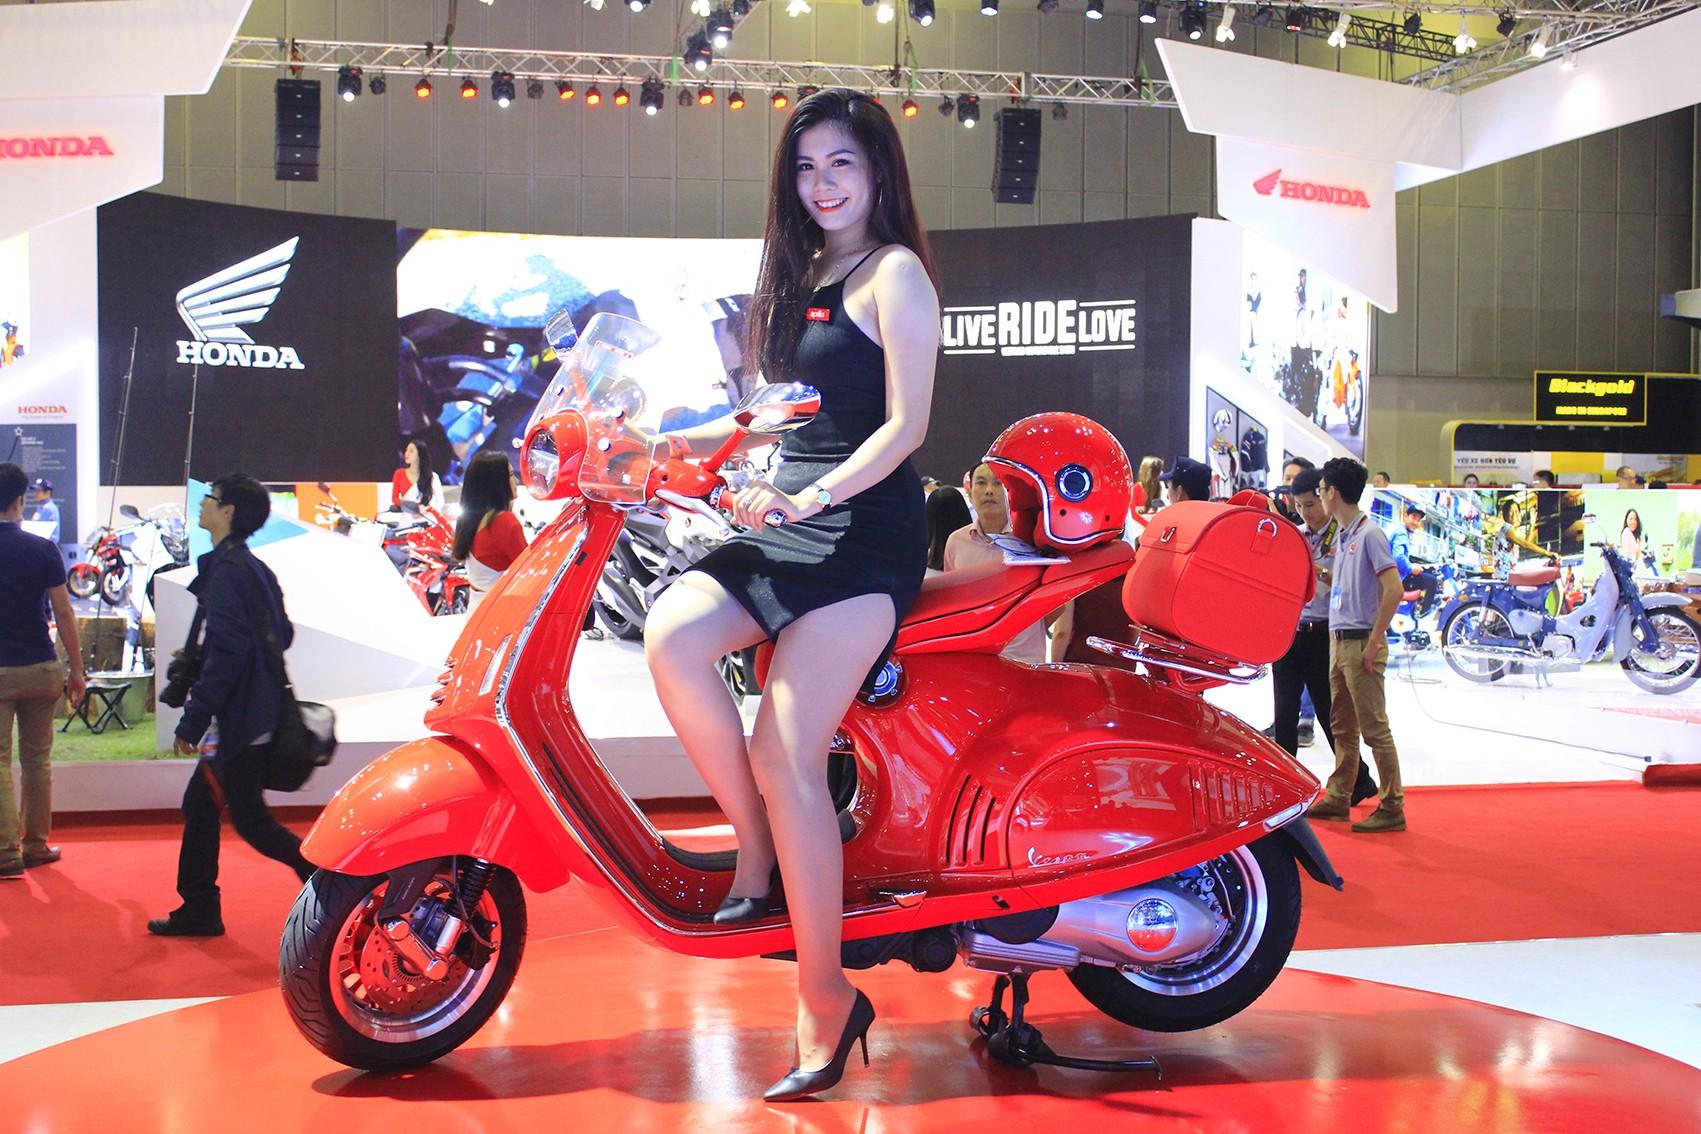 Xe++ - Vespa 946 Red giá 405 triệu đồng, ai dám mua?